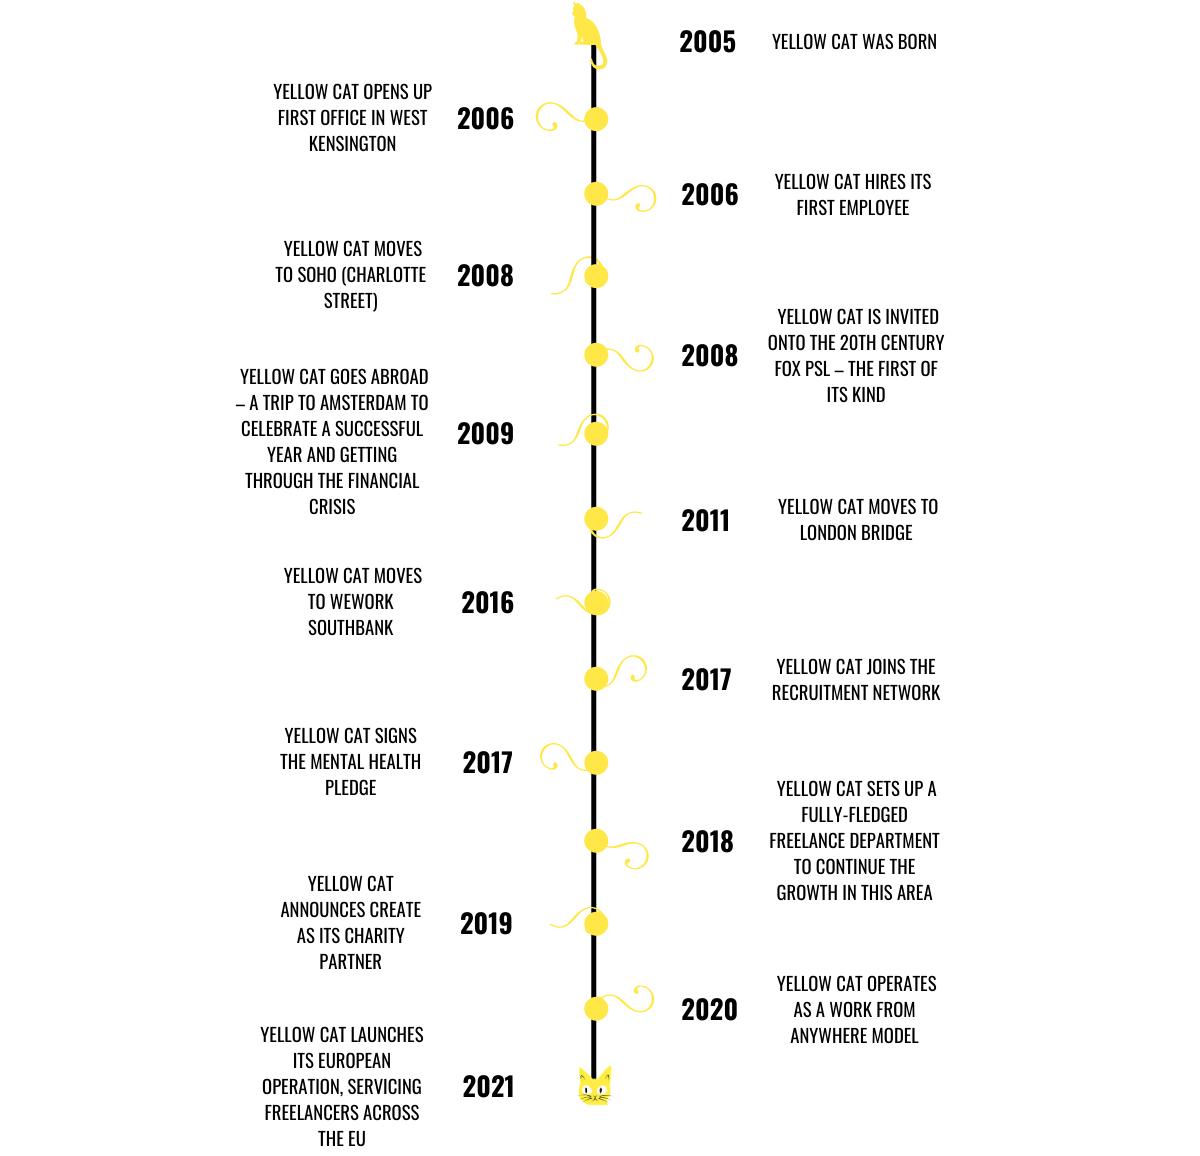 timeline - vertical